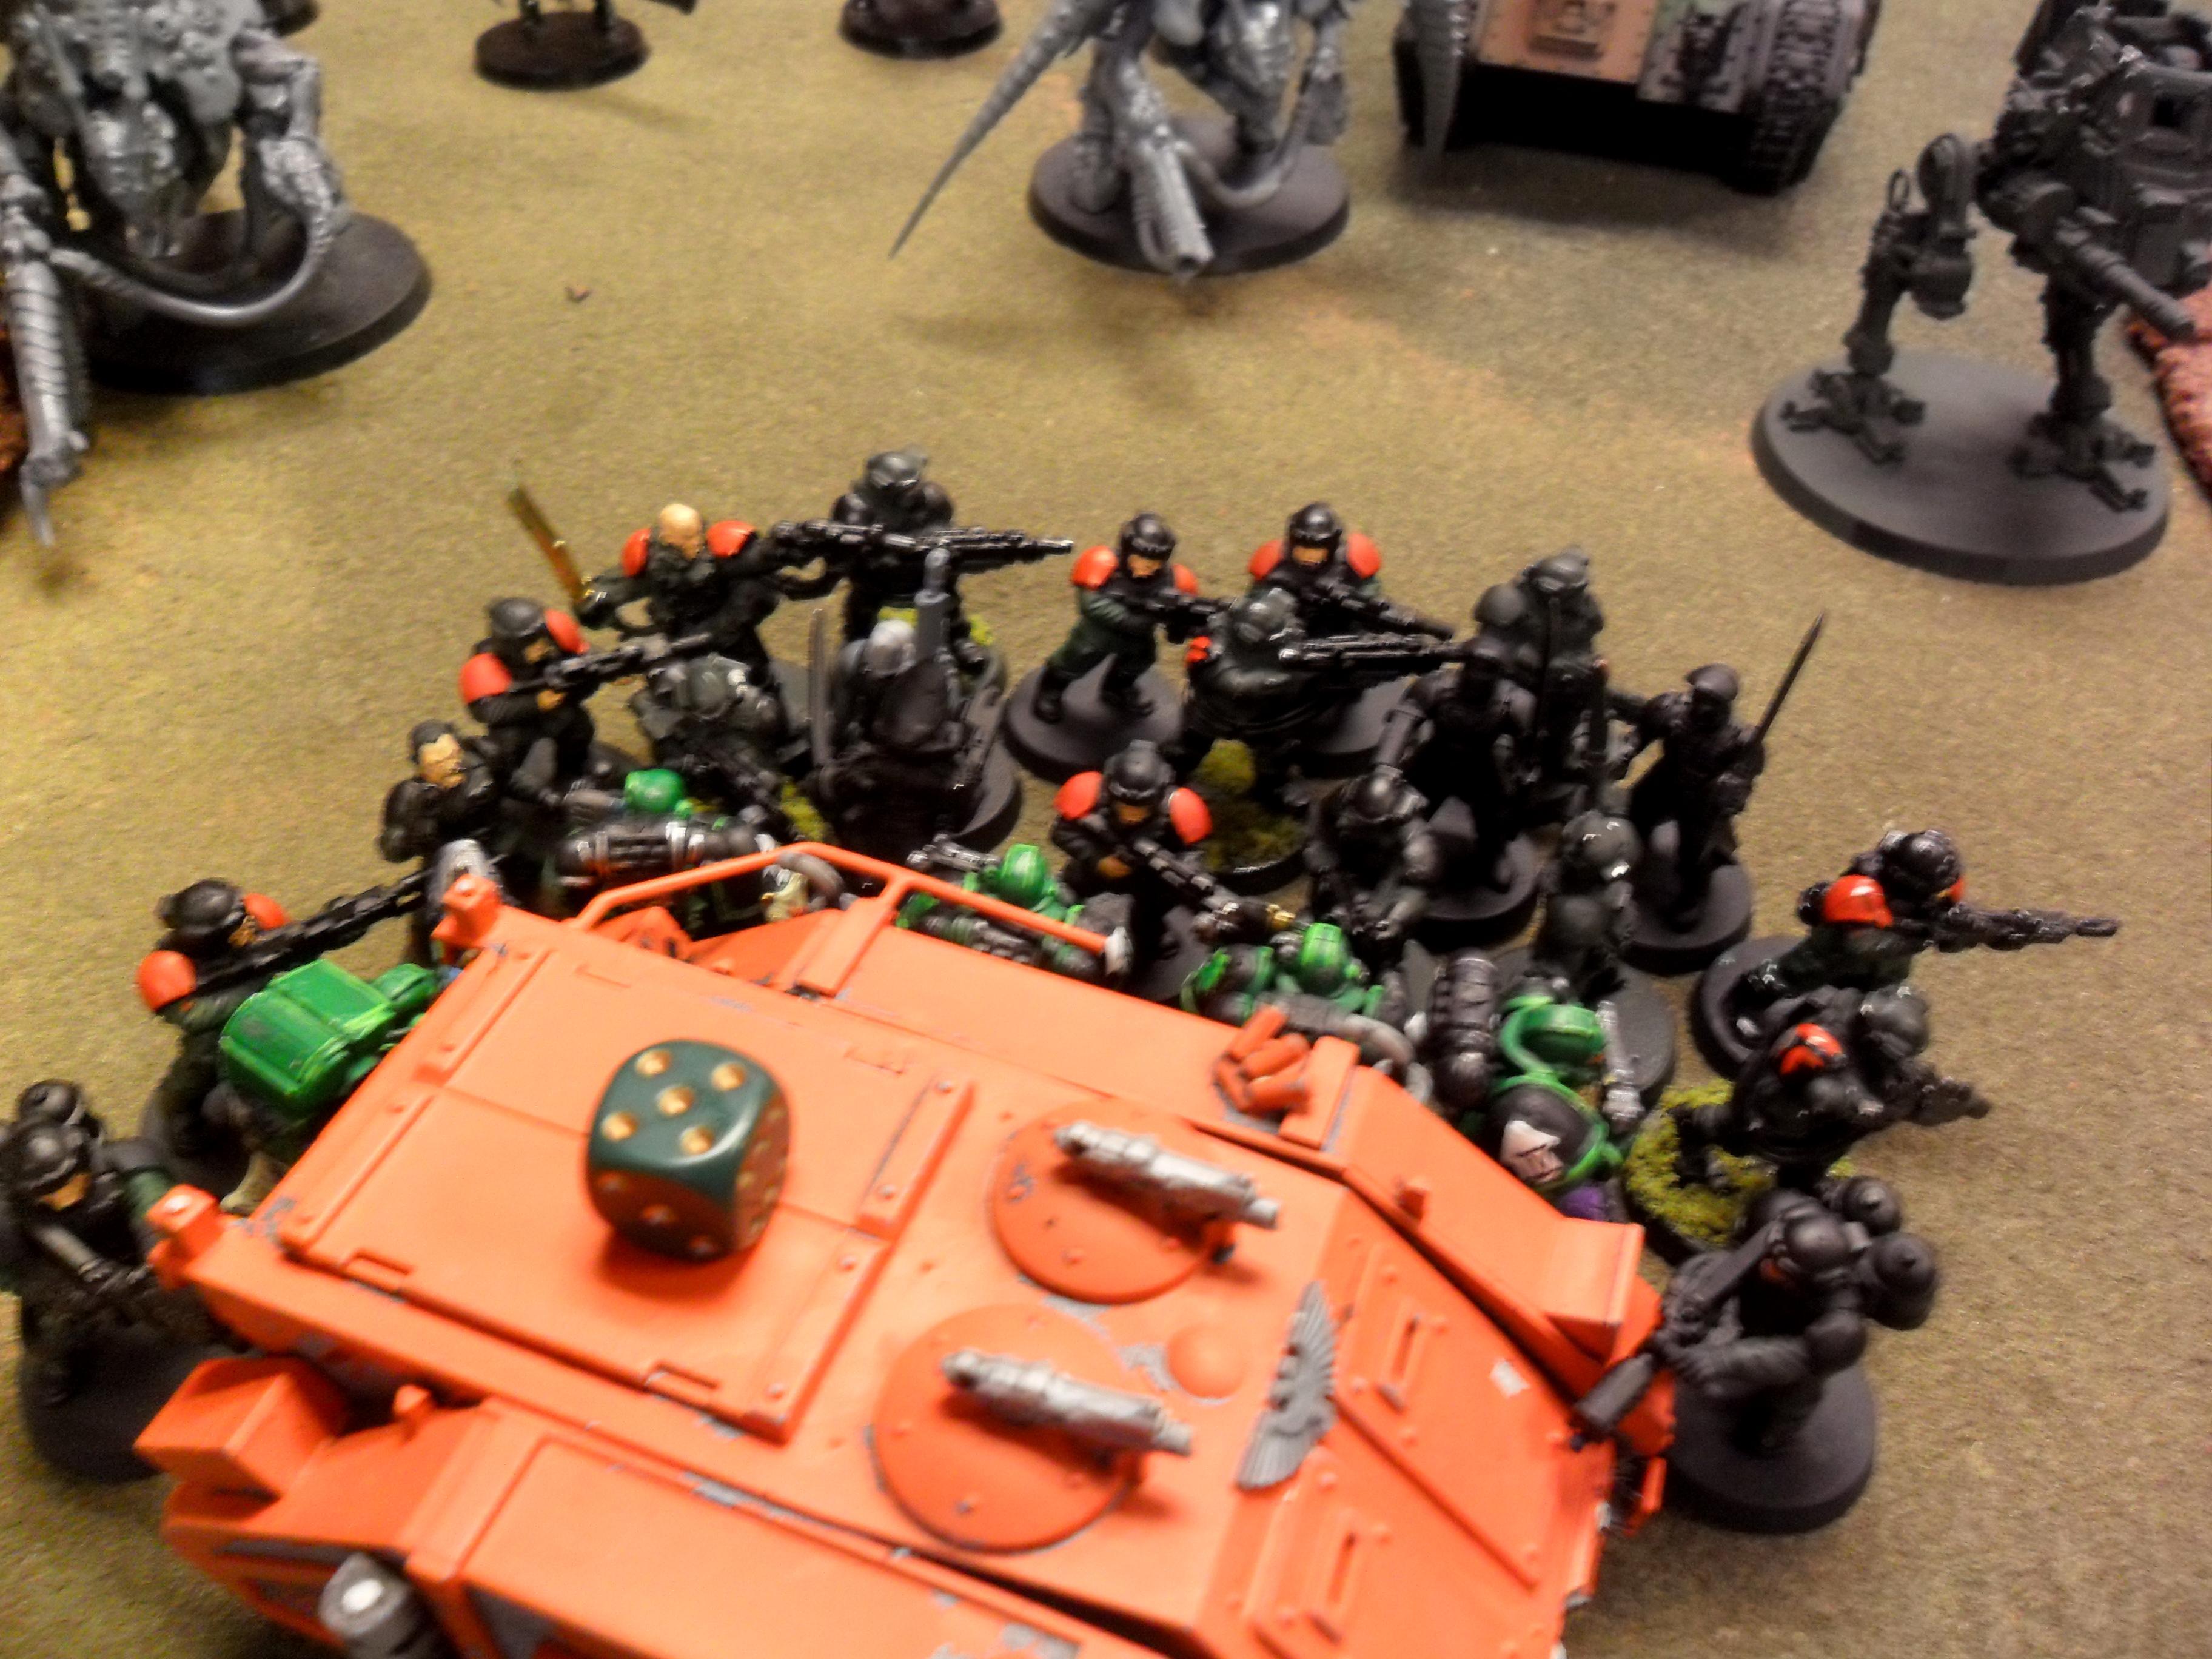 Apocalypse, 026 apoc 07-11-11